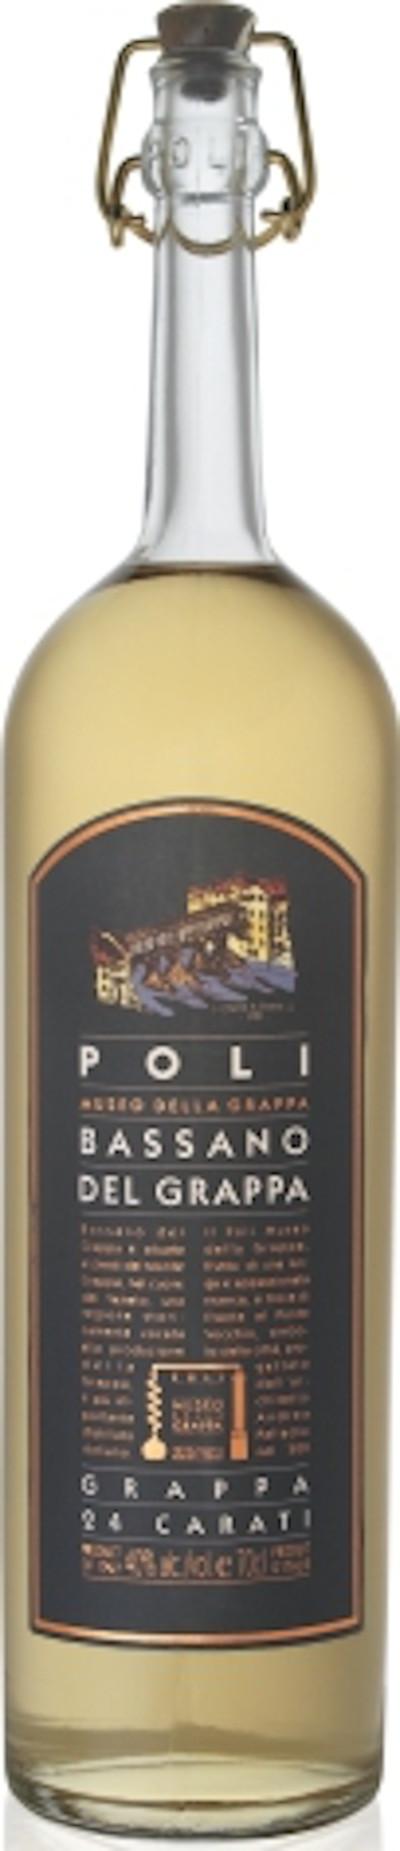 Poli - Bassano 24 Carati Oro Grappa